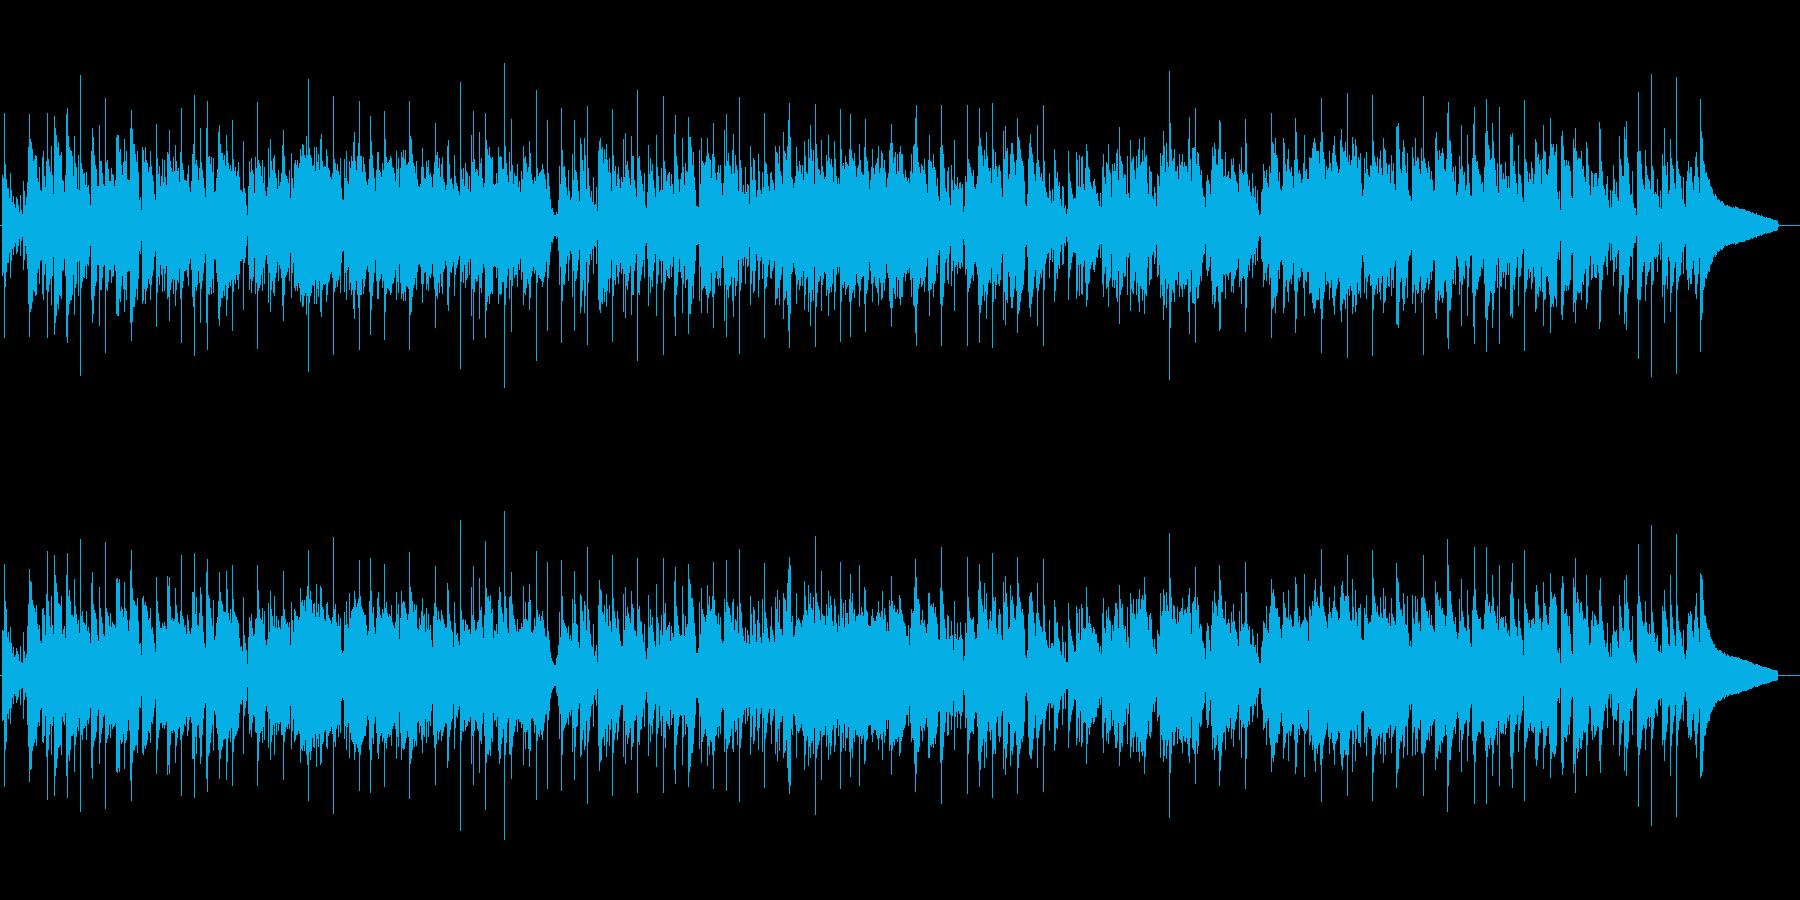 けだるい雰囲気のボサノバ風ポップスの再生済みの波形